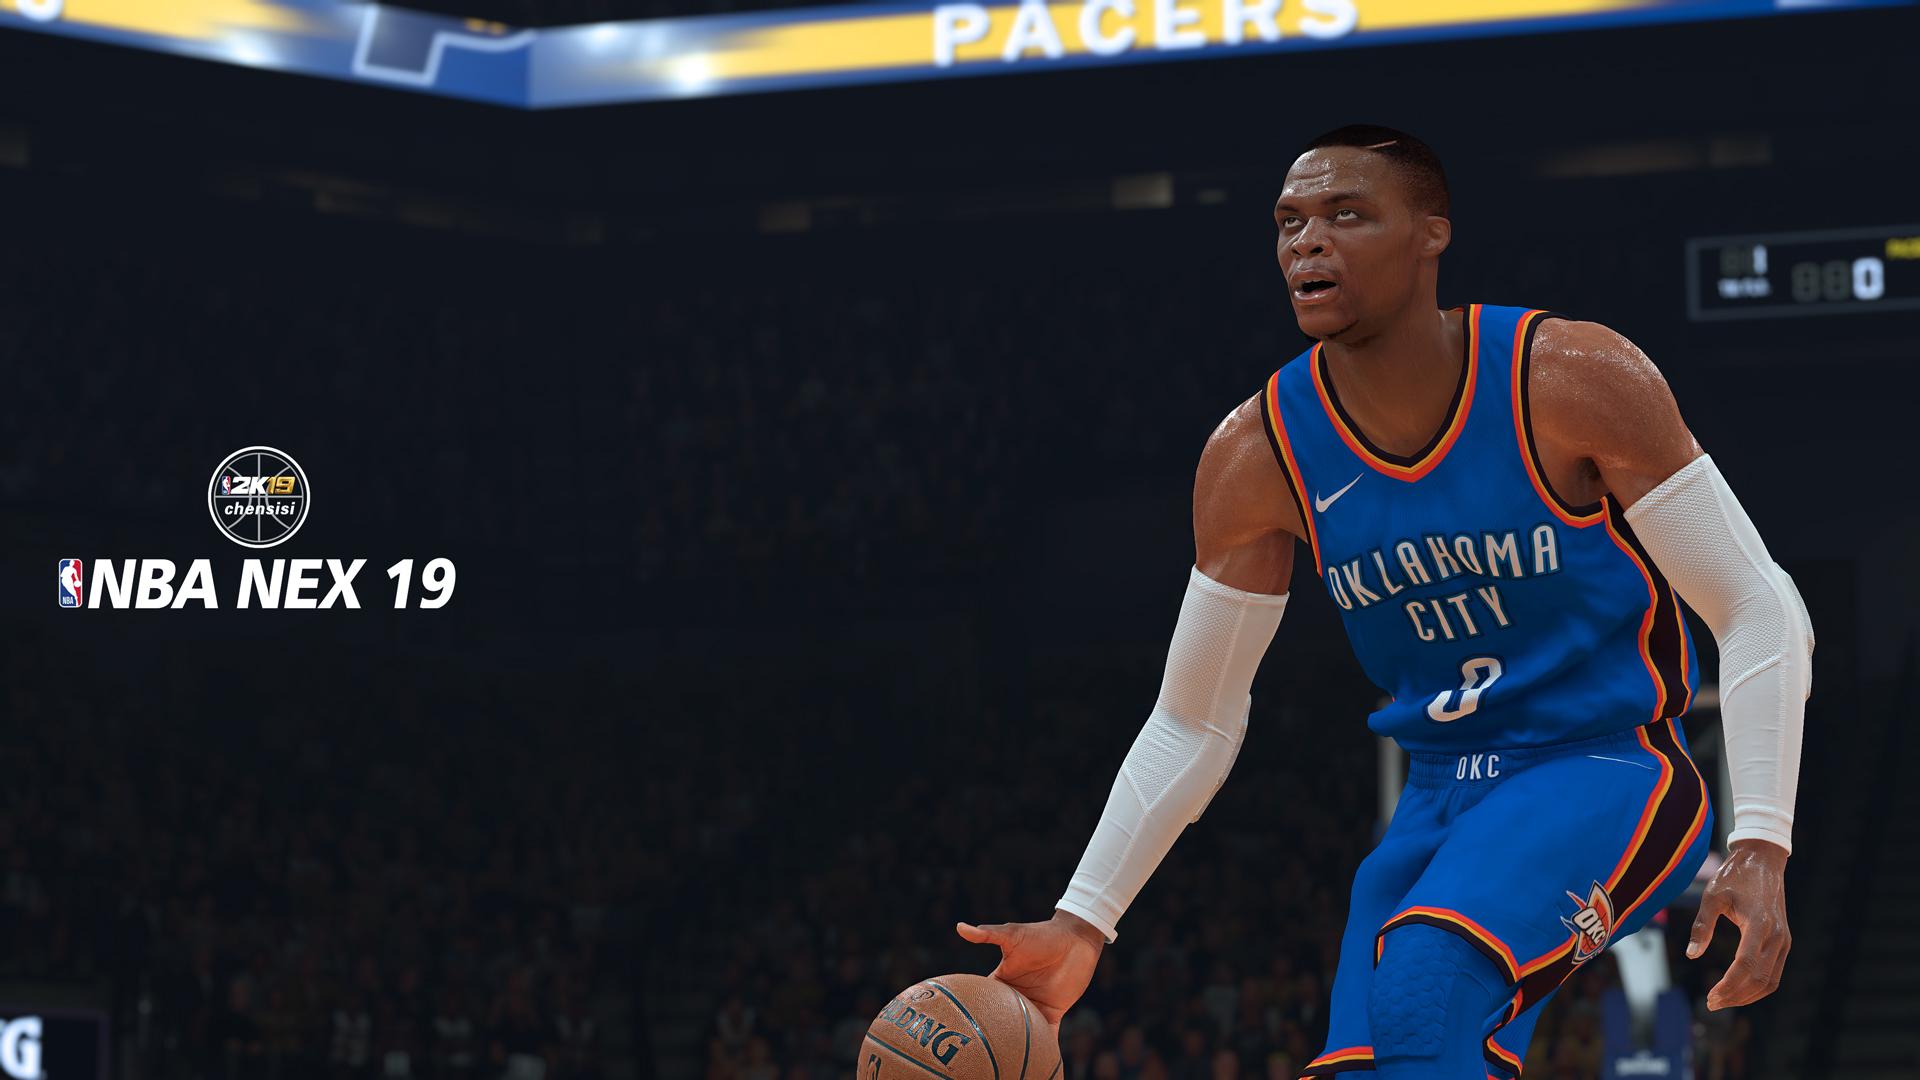 NBA2K19-2018-09-13-12-27-45.jpg